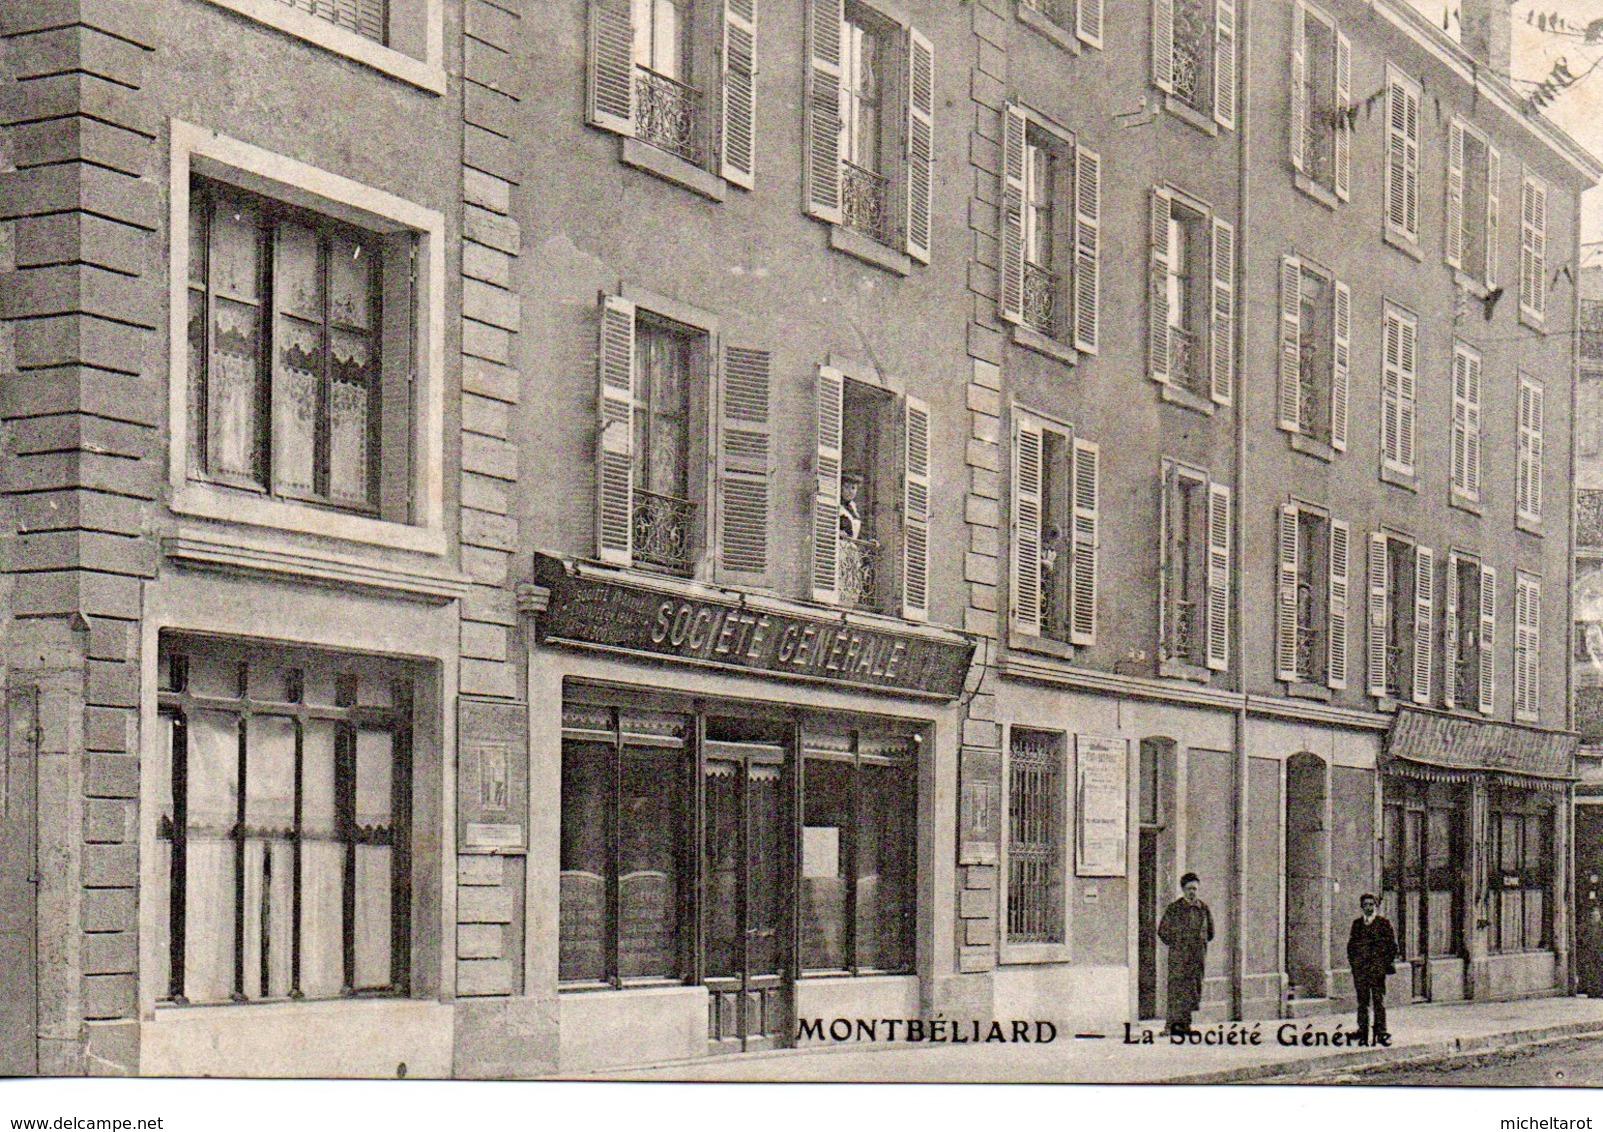 Doubs : Montbéliard : Banque : Sociétè Générale - Montbéliard